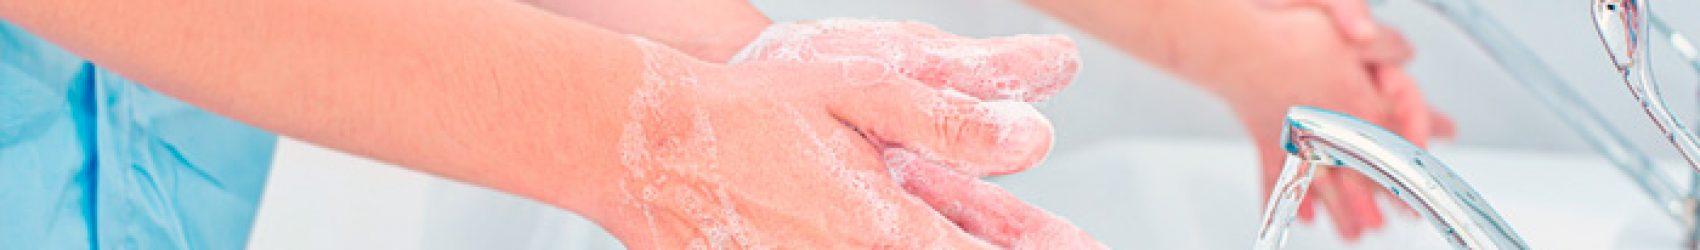 higiene-do-trabalho